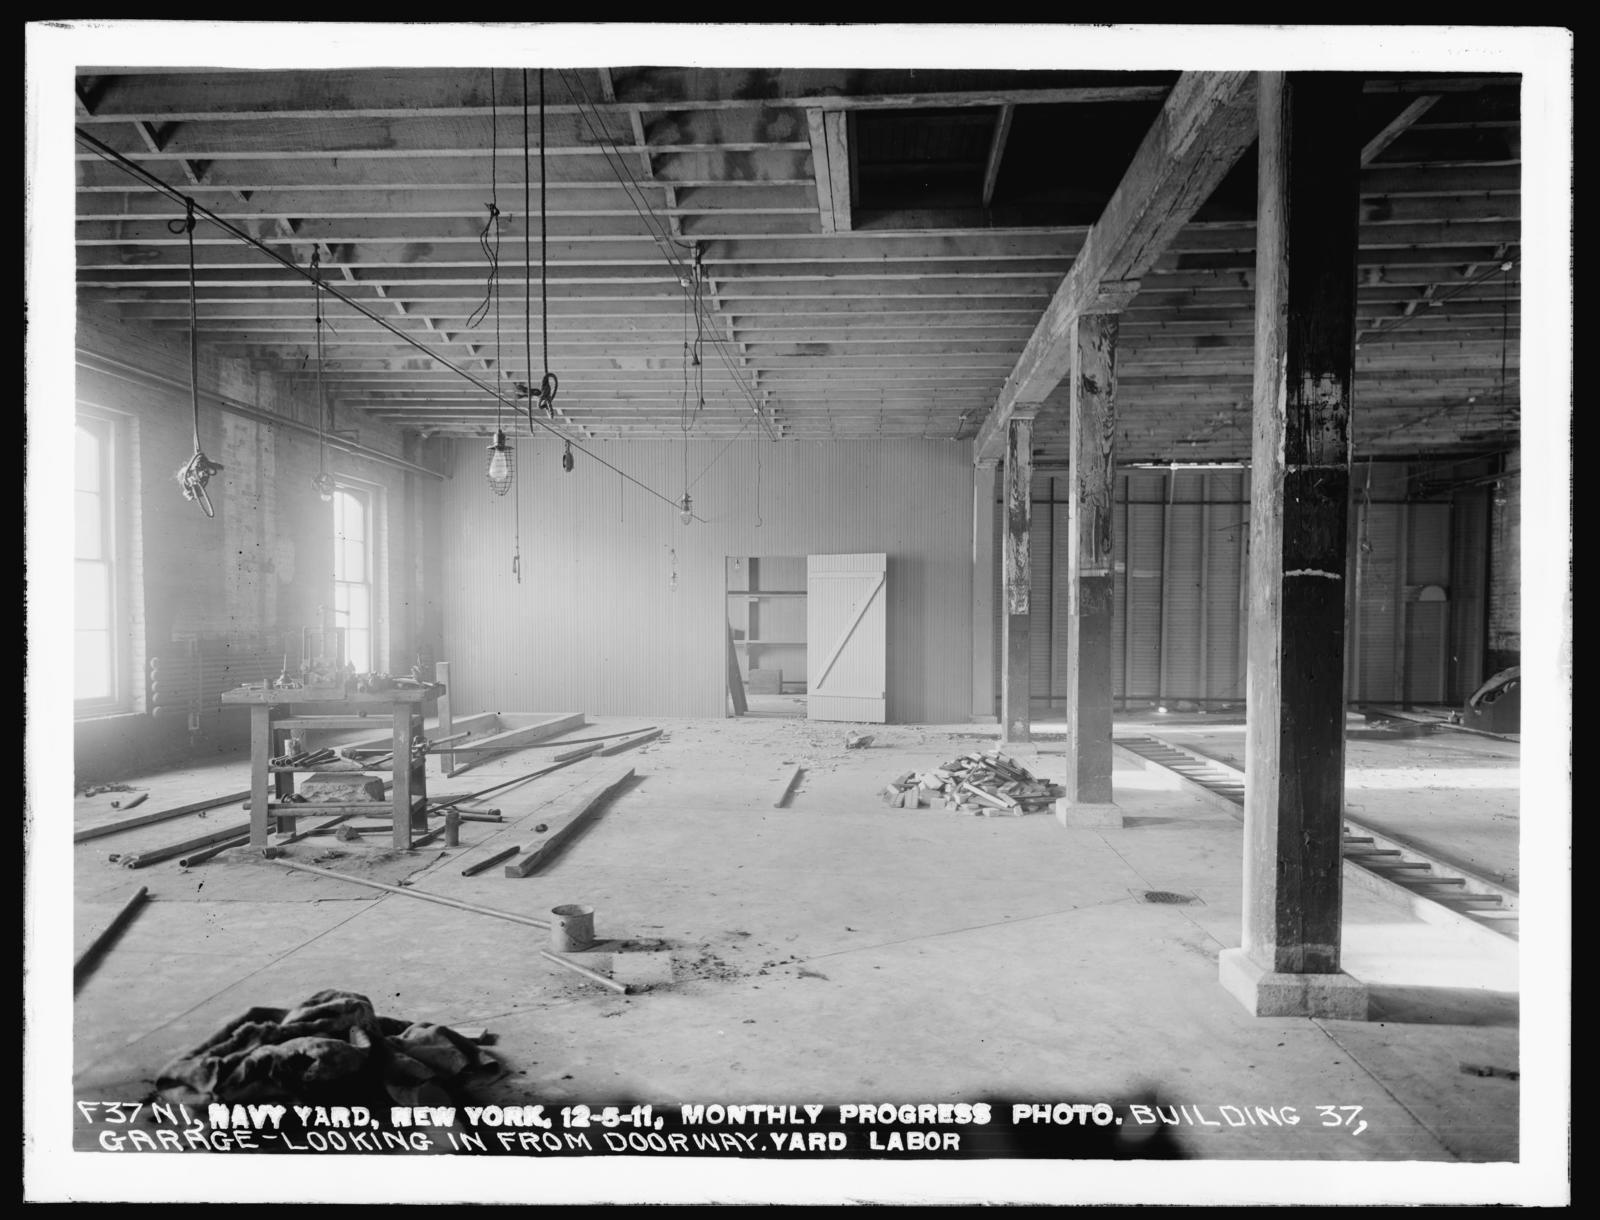 Monthly Progress Photo, Building 37, Garage - Looking in from Doorway, Yard Labor